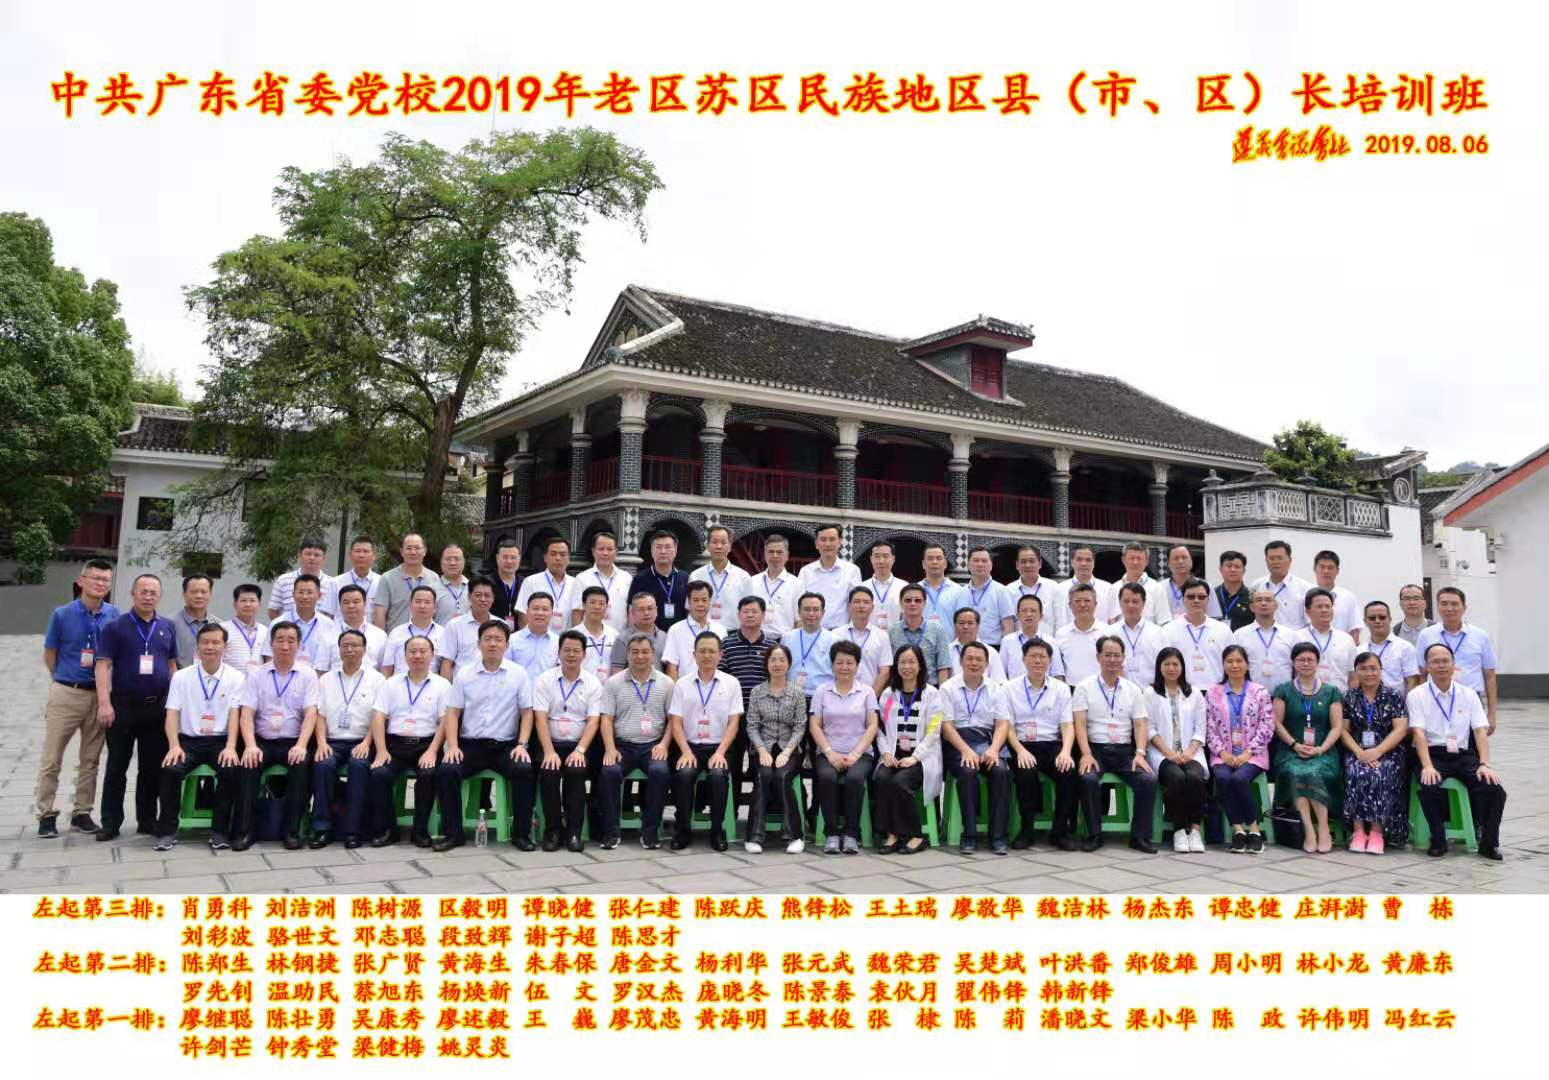 【广东】广东省老区苏区民族地区县长培训班  